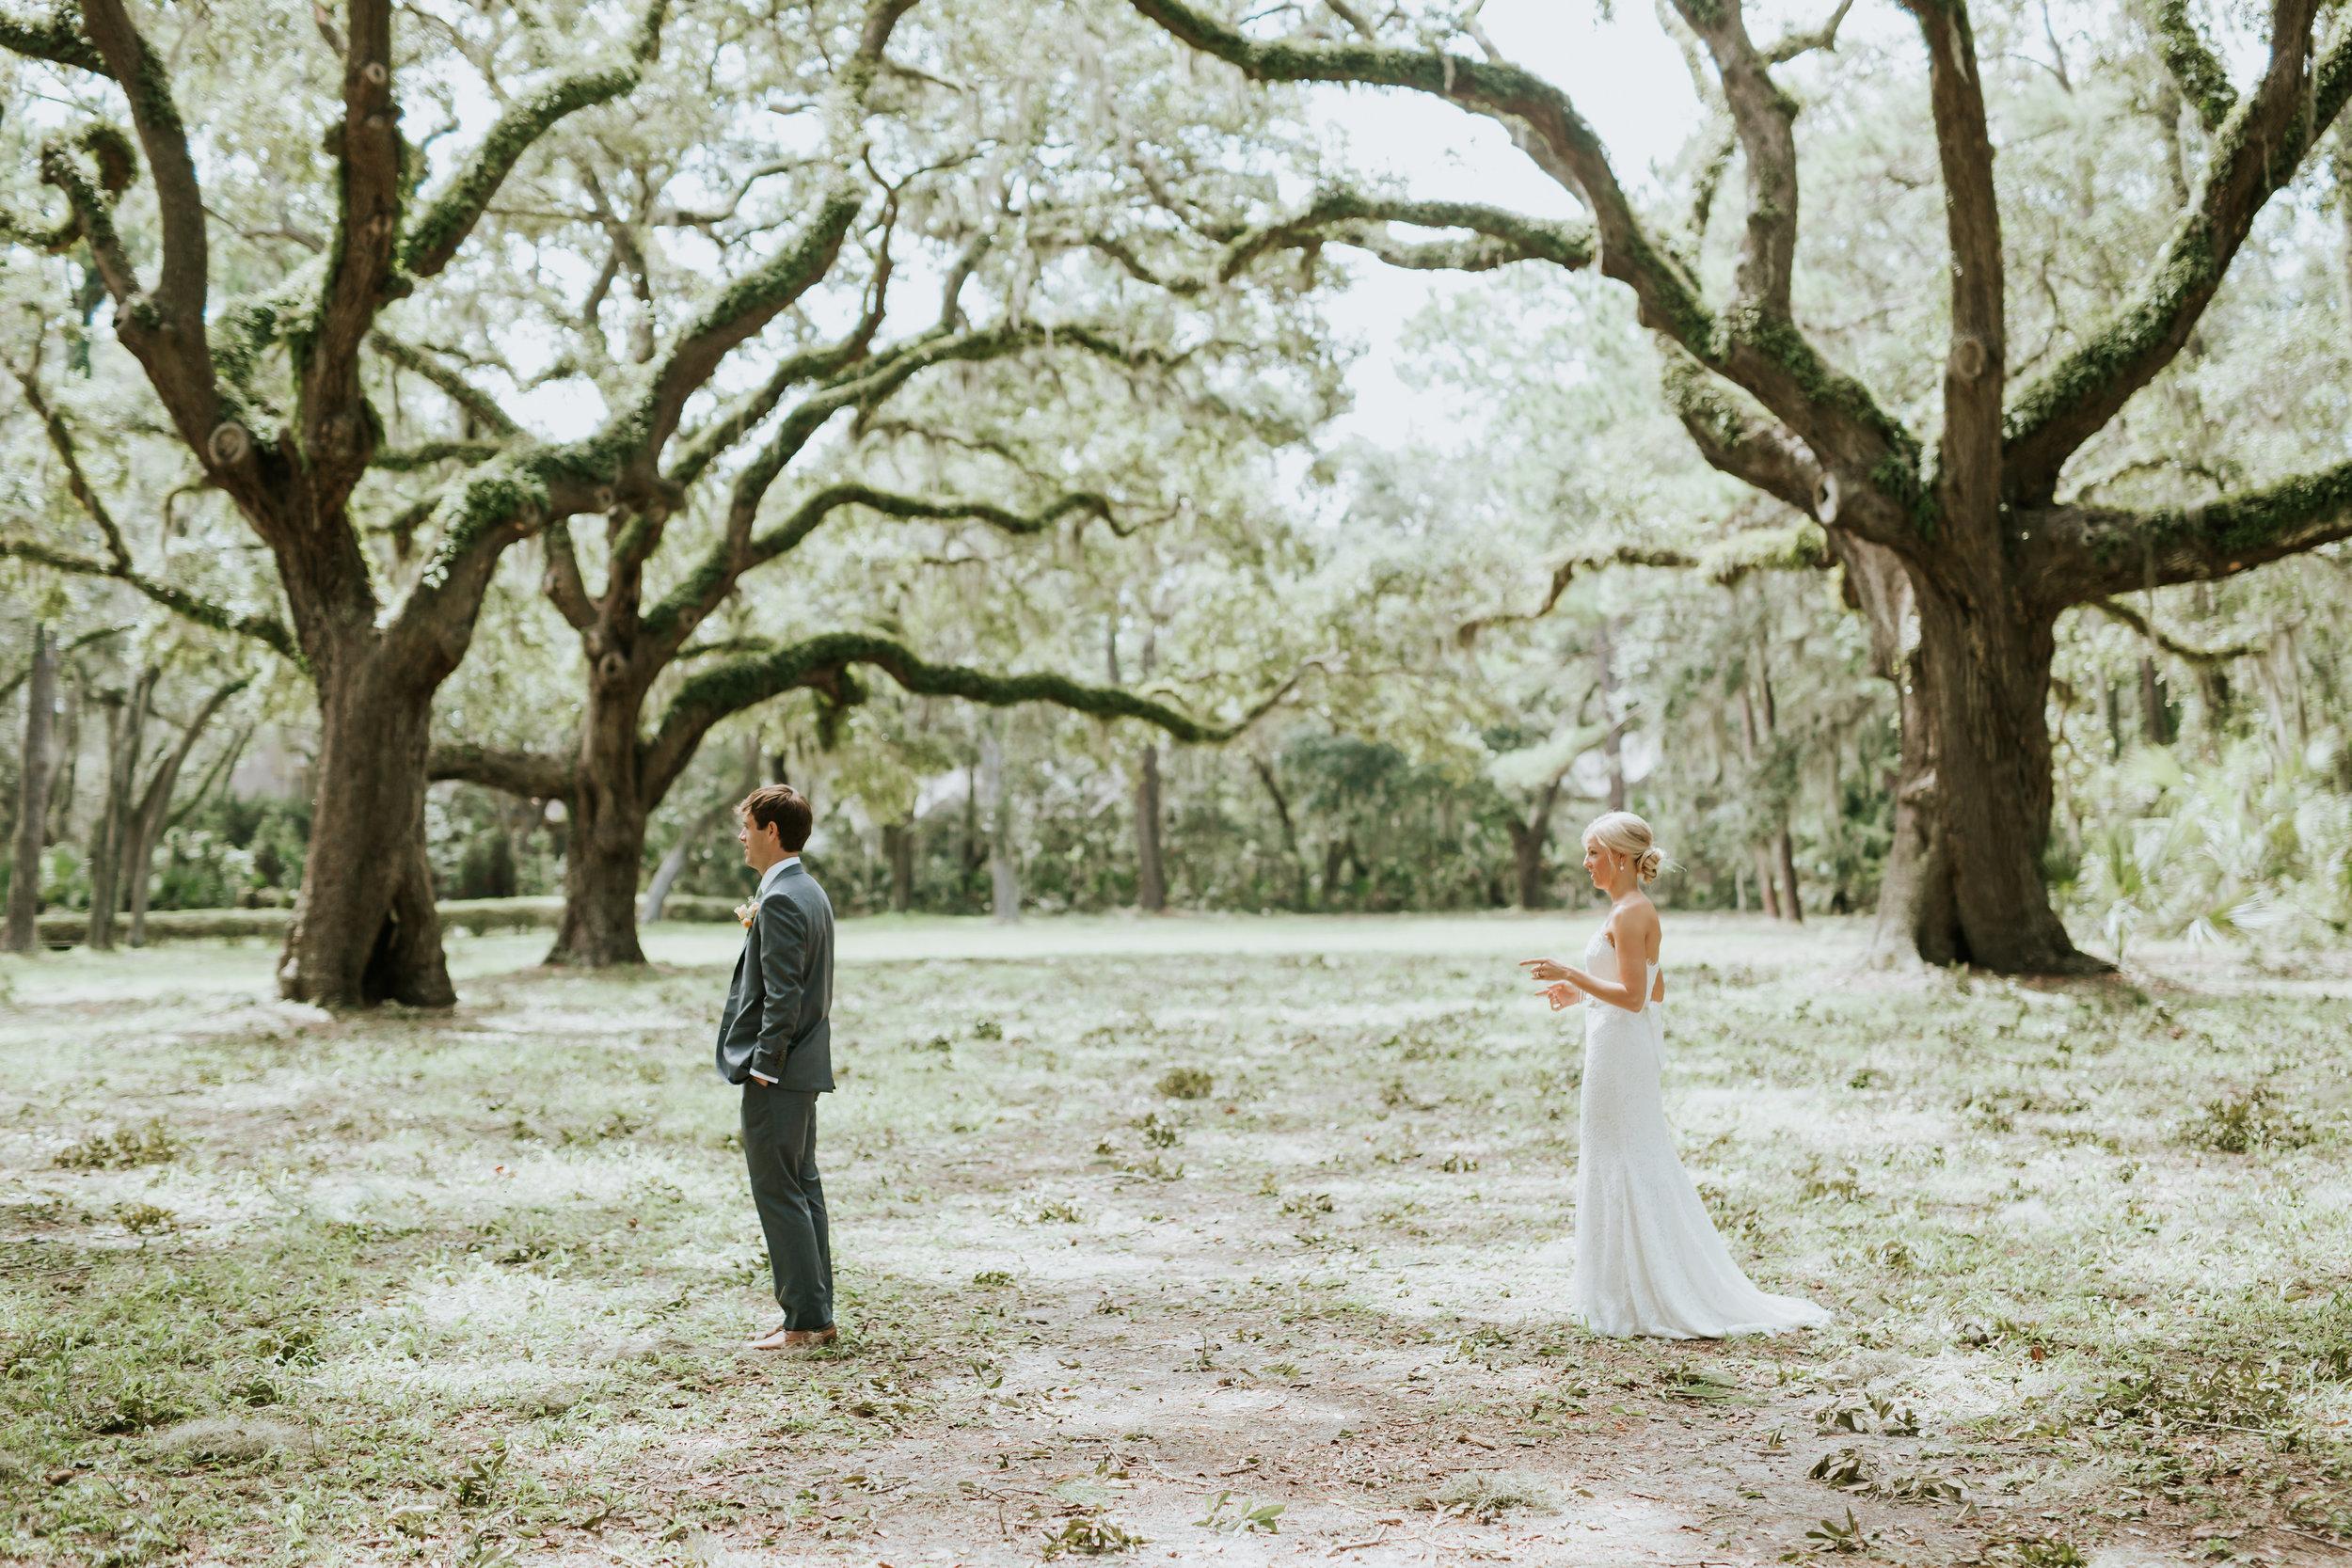 omni-hilton-head-wedding-9.jpg